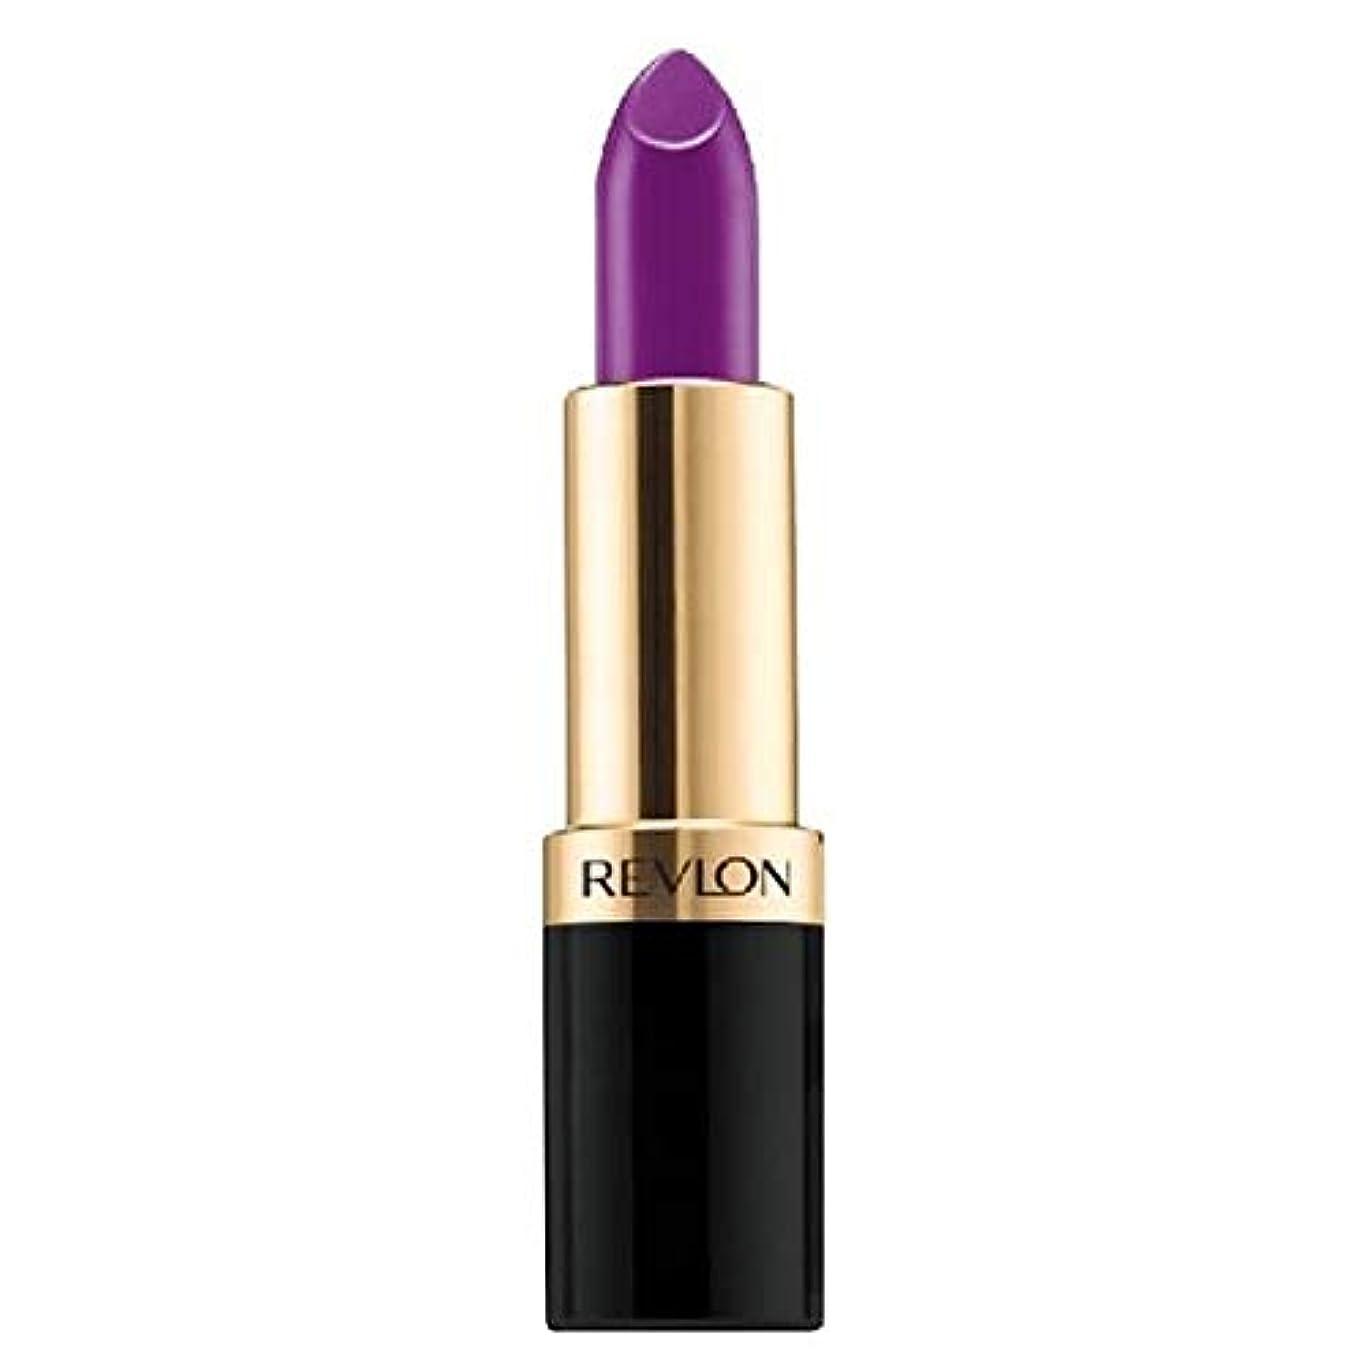 費用対応高さ[Revlon ] レブロンSuperlustrousマット口紅紫のオーラ4.2グラム - Revlon Superlustrous Matte Lipstick Purple Aura 4.2g [並行輸入品]